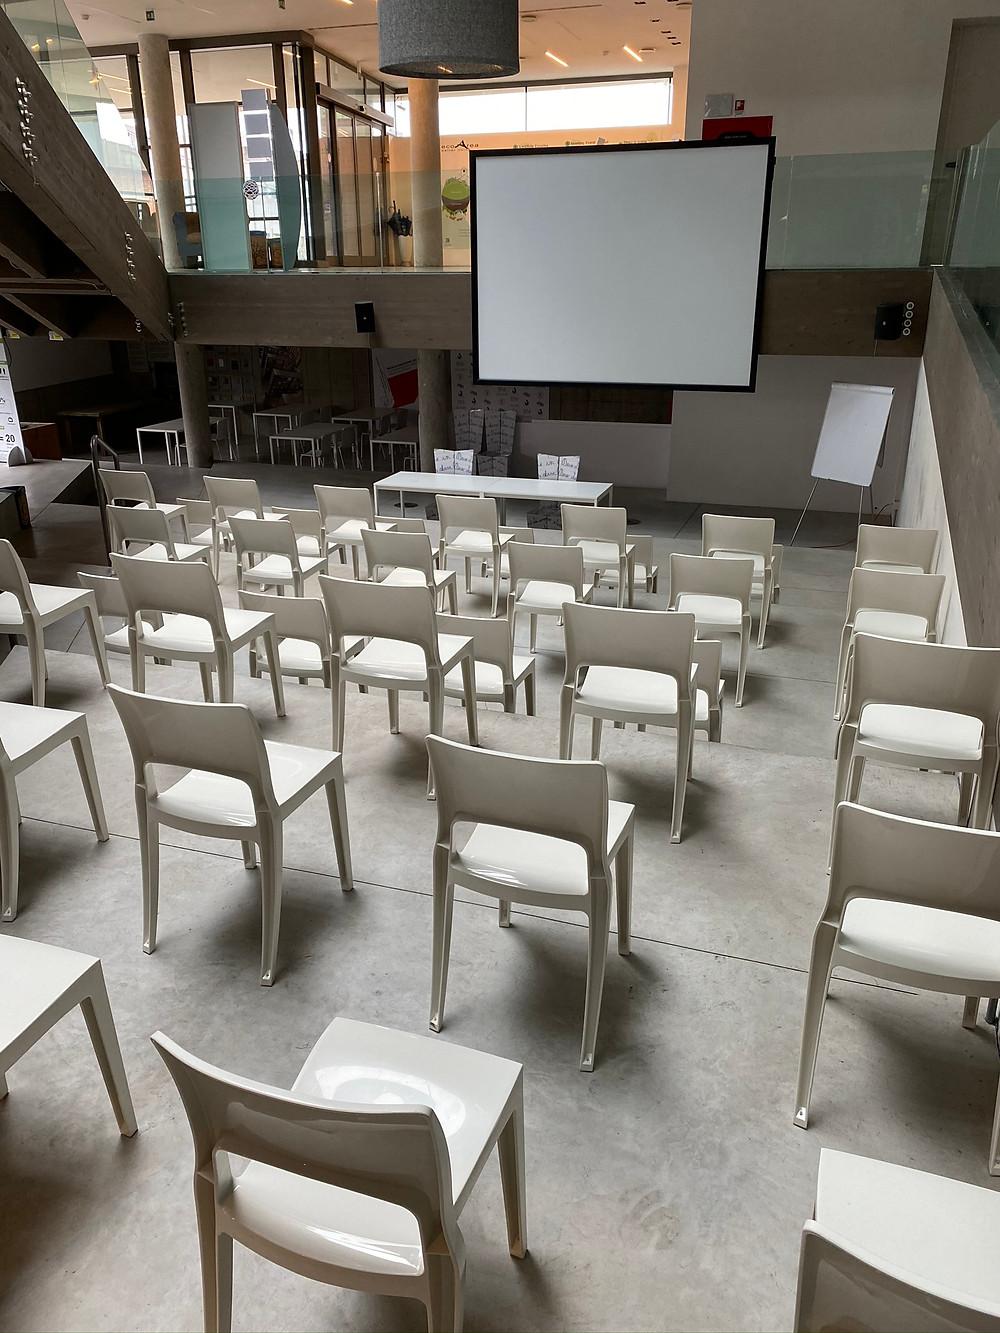 Le sedute di Ecoarea, distanziate per la sicurezza interpersonale